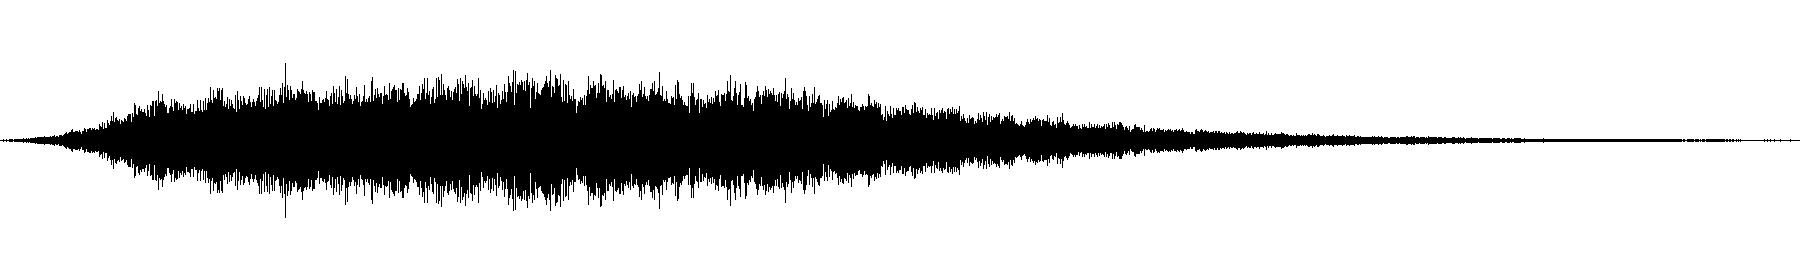 synth choir b7